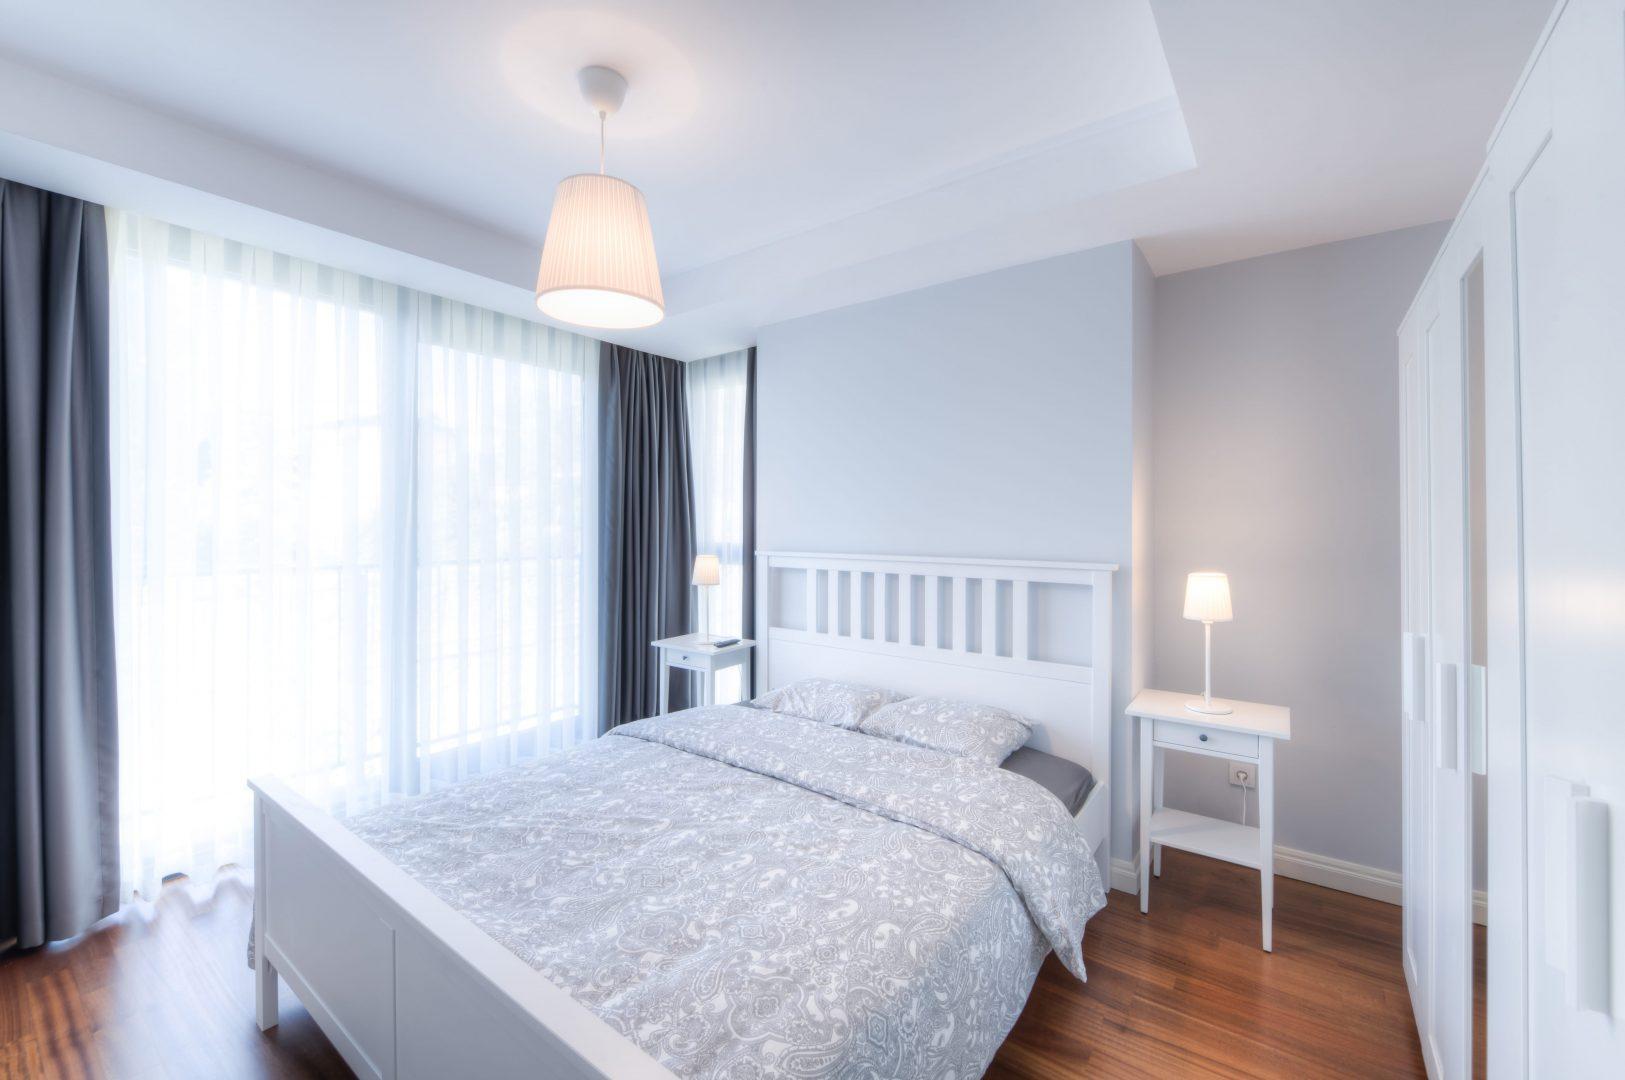 Квартира в центре Стамбула по доступной ценой - Фото 11